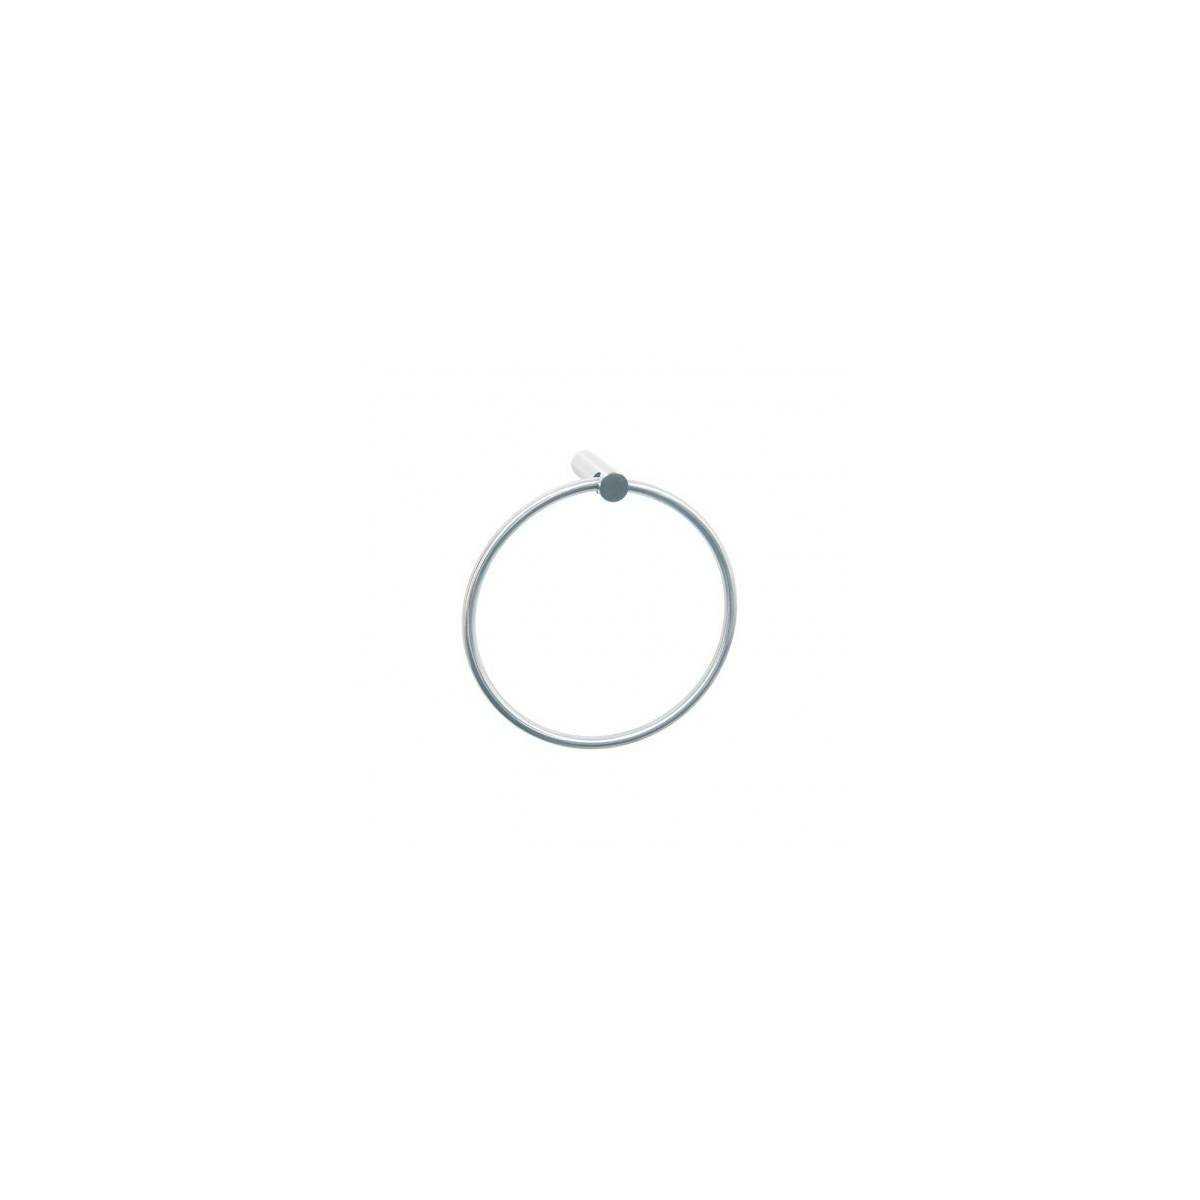 Держатель полотенец металлический круглый MEDINOX (AI0110C) AI0110C Mediclinics